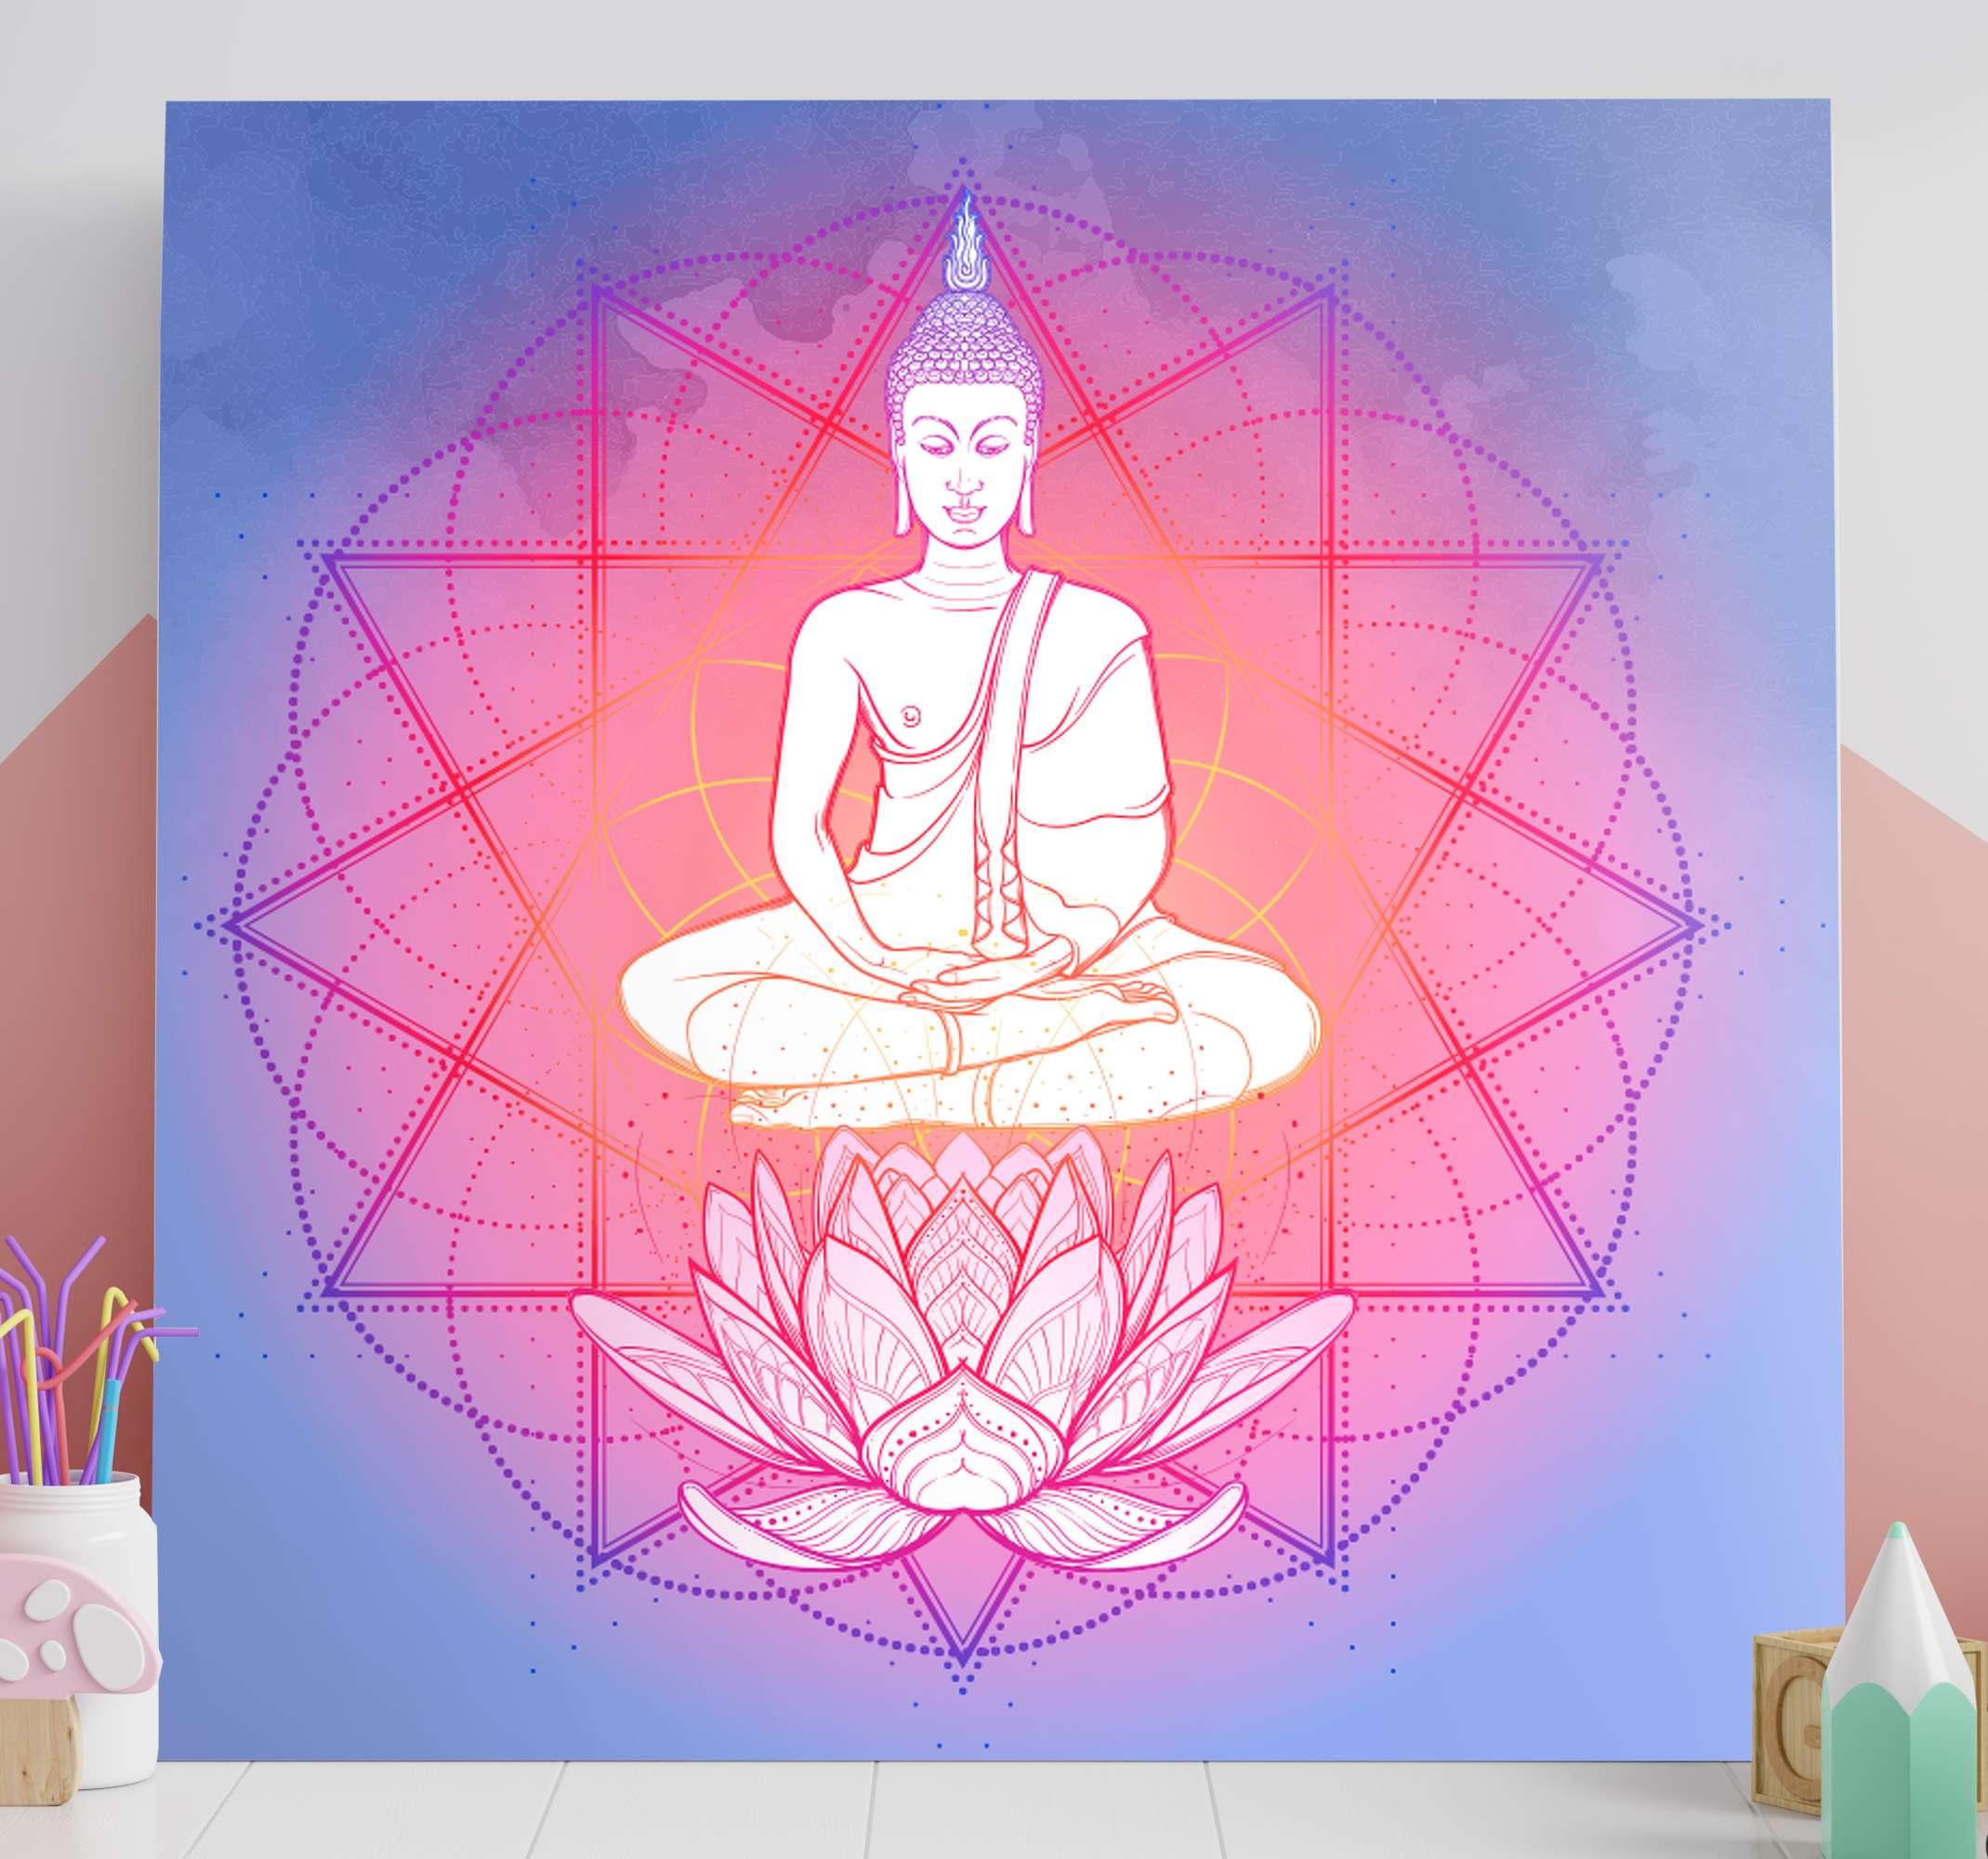 TenStickers. Quadro mandala Mandala buda meditando. Buda meditando arte em tela de mandala - pode ser decorada em um espaço ou sala de meditação. Feito de material de qualidade e duradouro.